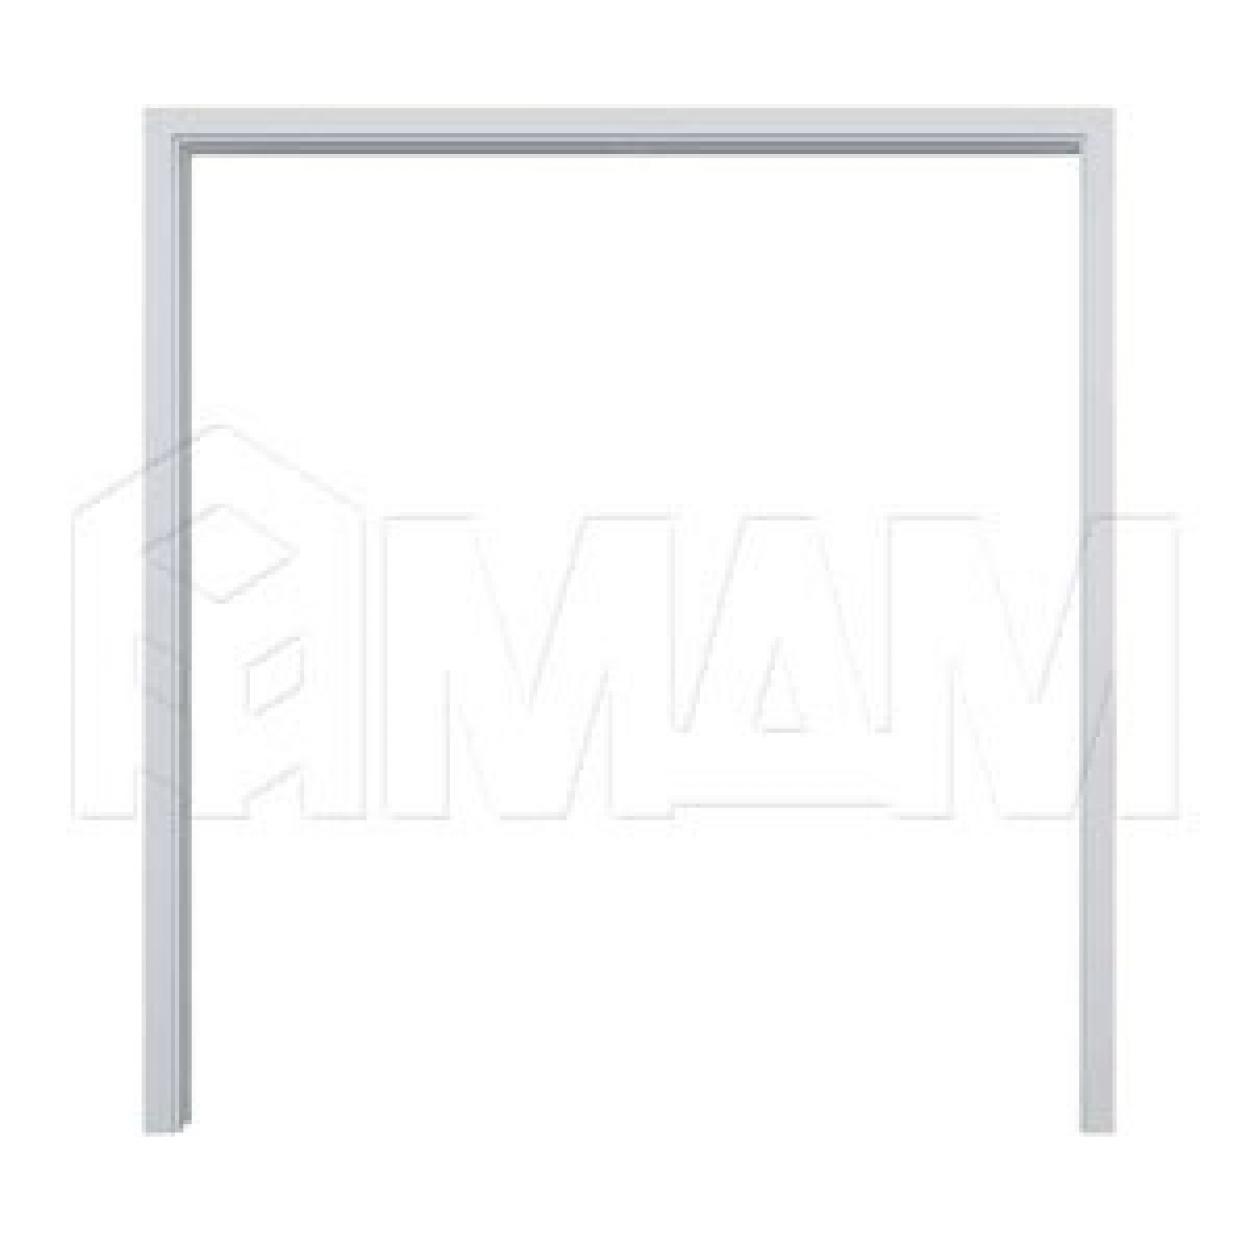 GUSTAVSON Рамка и наличники для двух дверей шириной 900 мм, толщина 125 мм, МДФ, белый